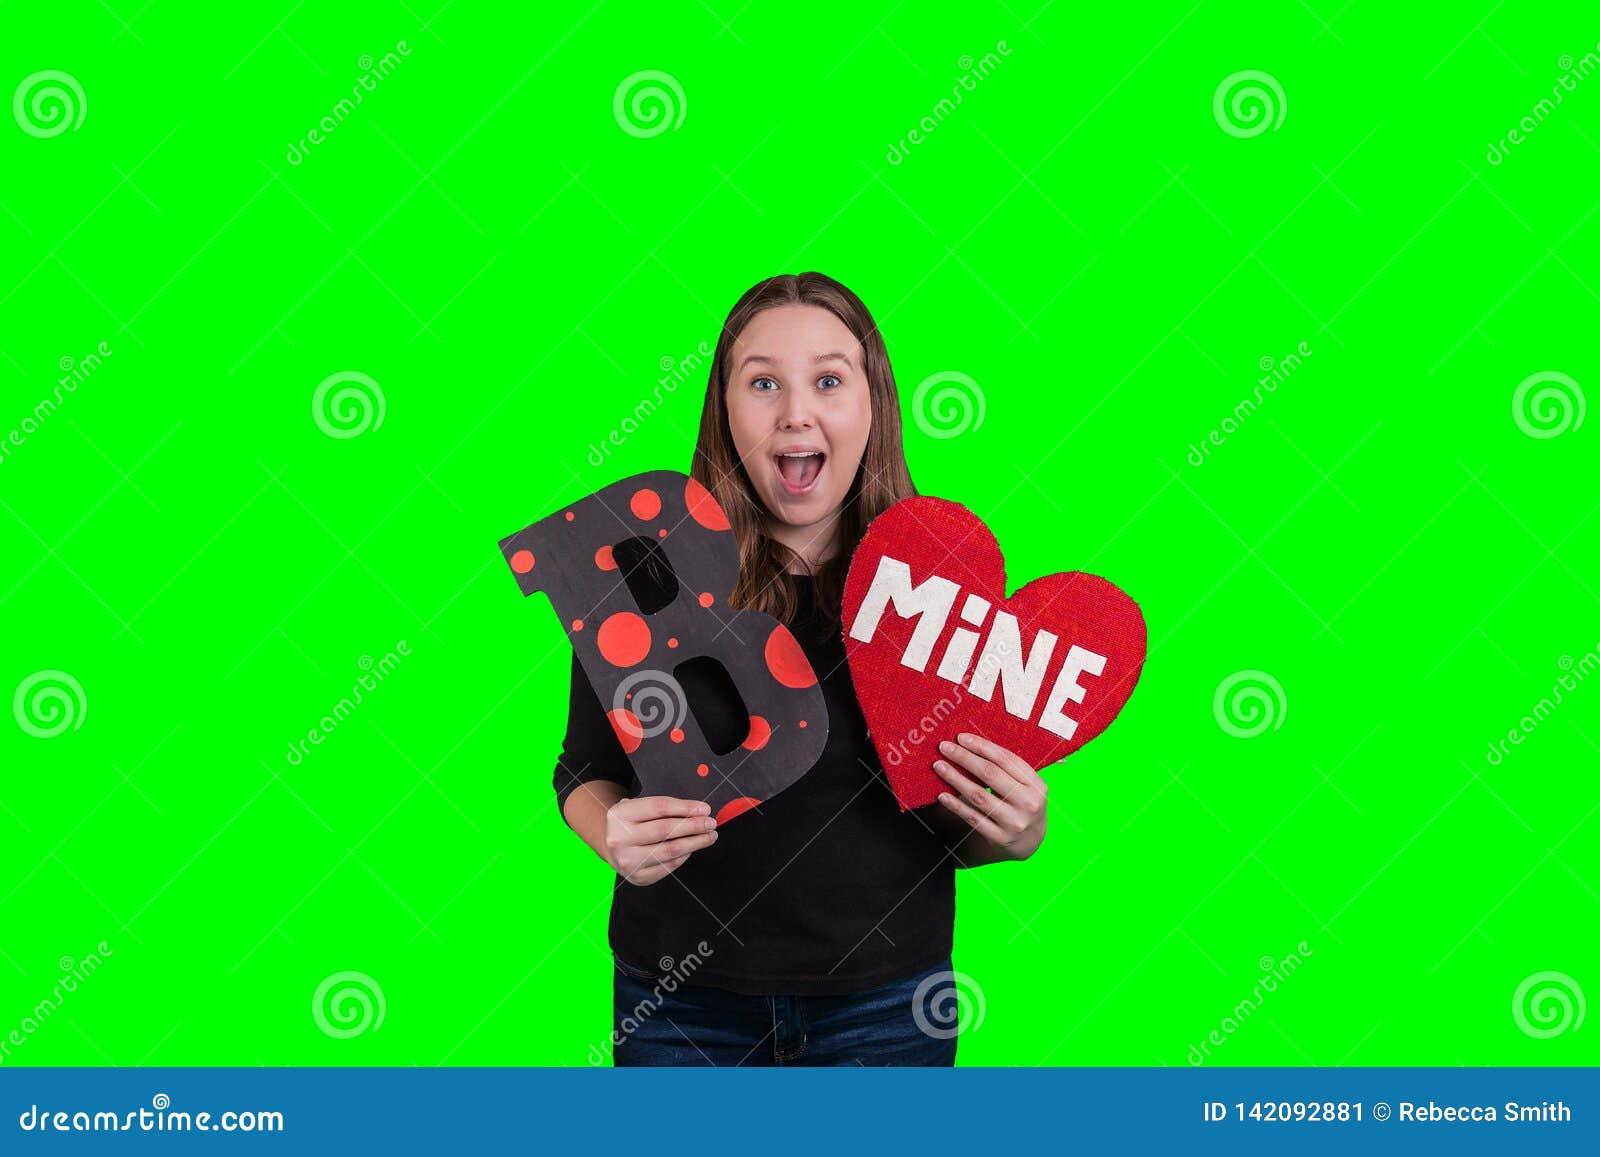 Expresión facial emocionada en la cara de las hembras que lleva a cabo una letra B y una muestra en forma de corazón de la MINA